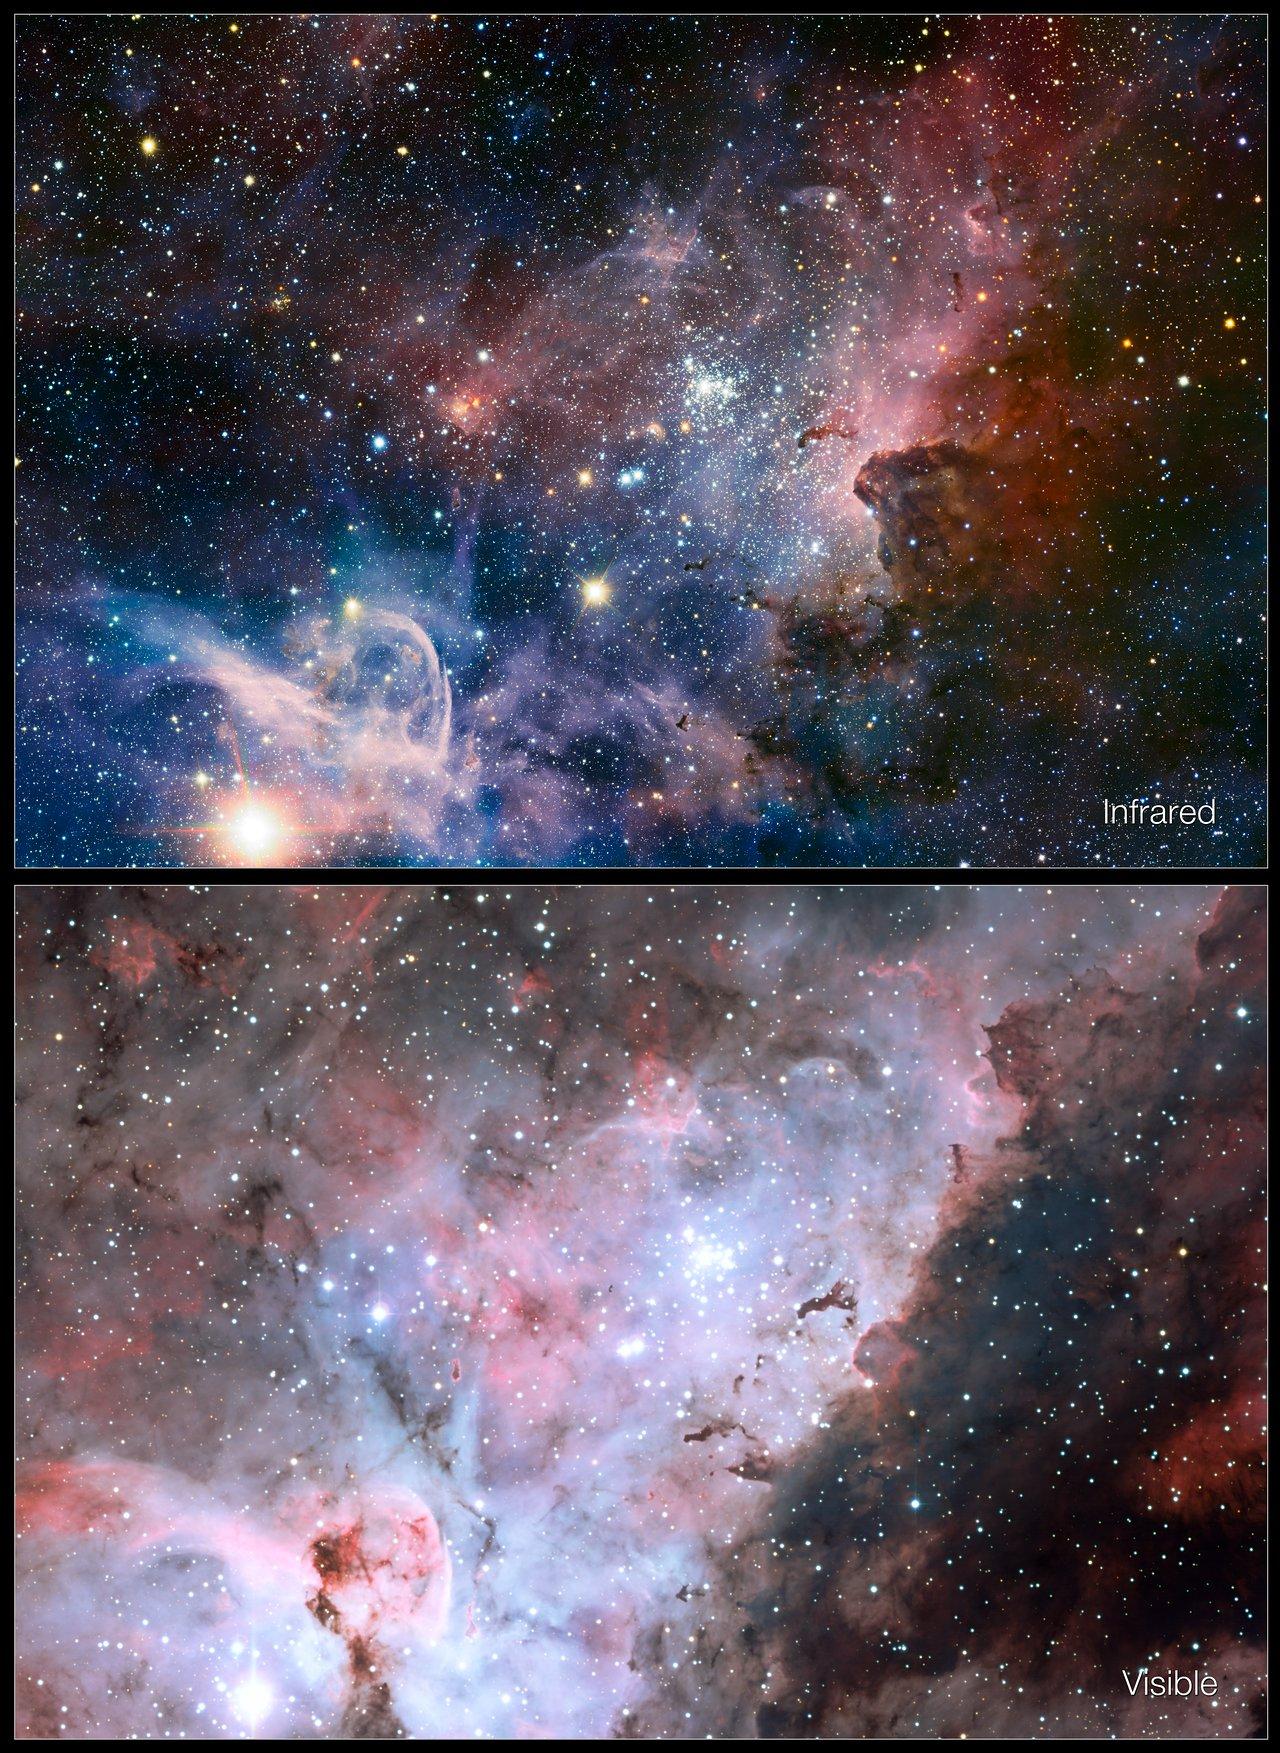 Vergleichsbild des Carinanebels im Infraroten und im sichtbaren Licht